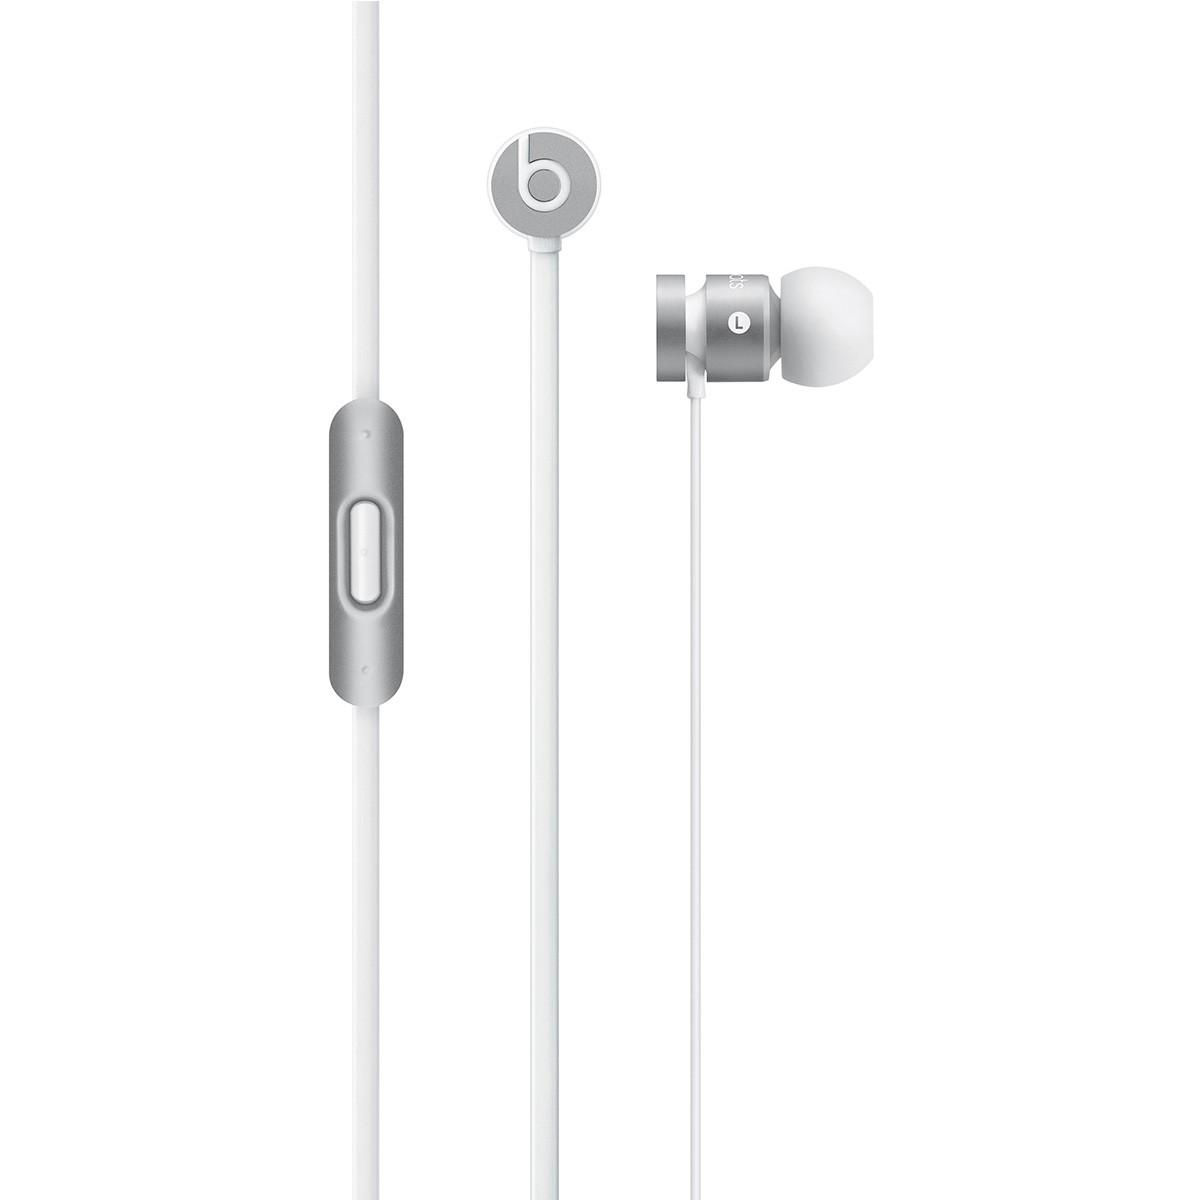 Sluchátka do uší Beats by Dr. Dre urBeats, stříbrná